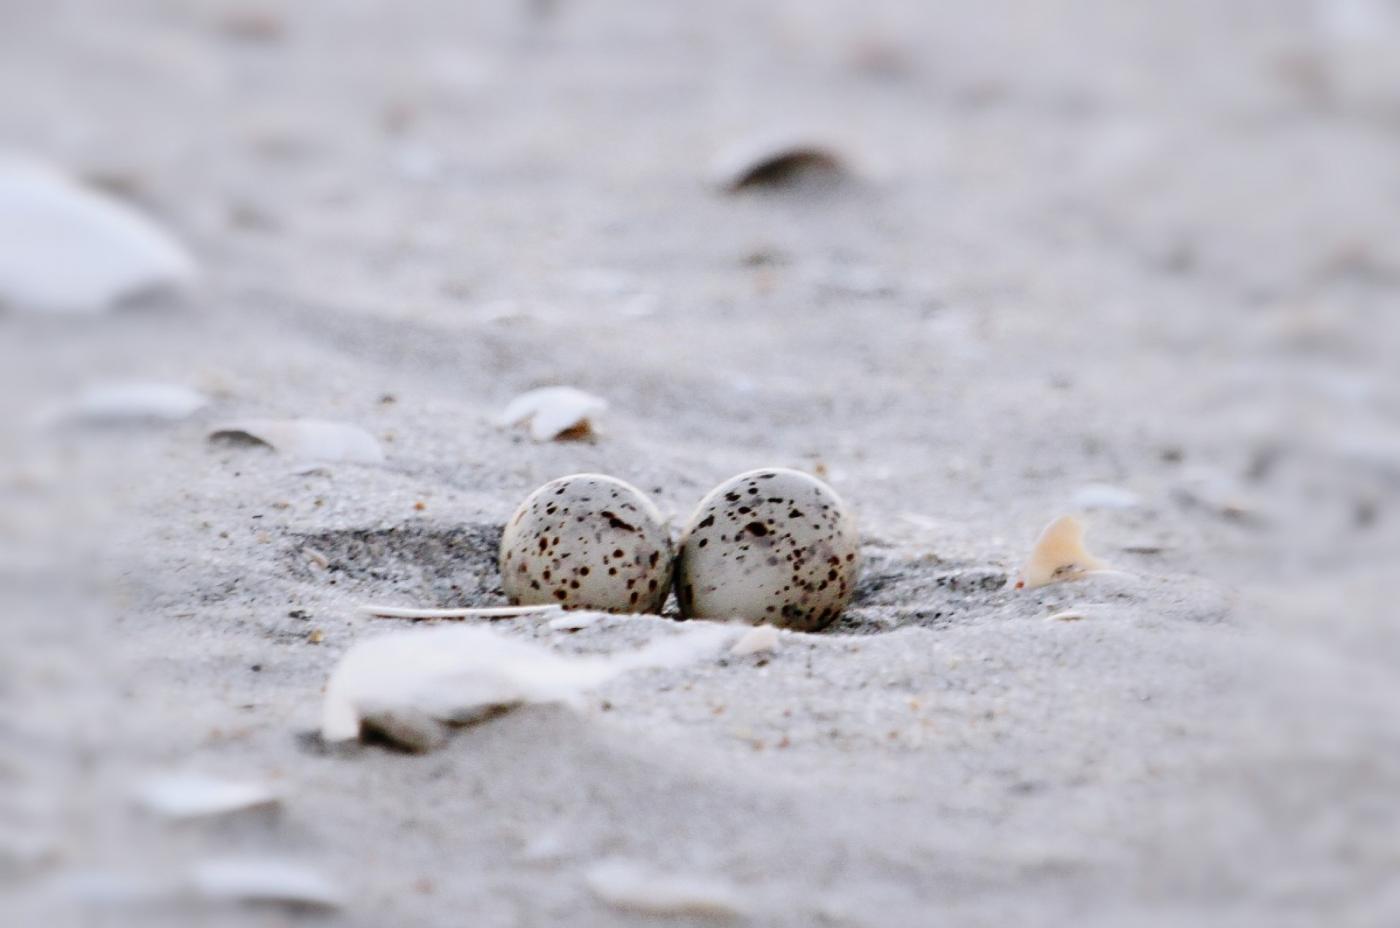 【田螺摄影】黄嘴燕鸥整个出生成长的过程_图1-29